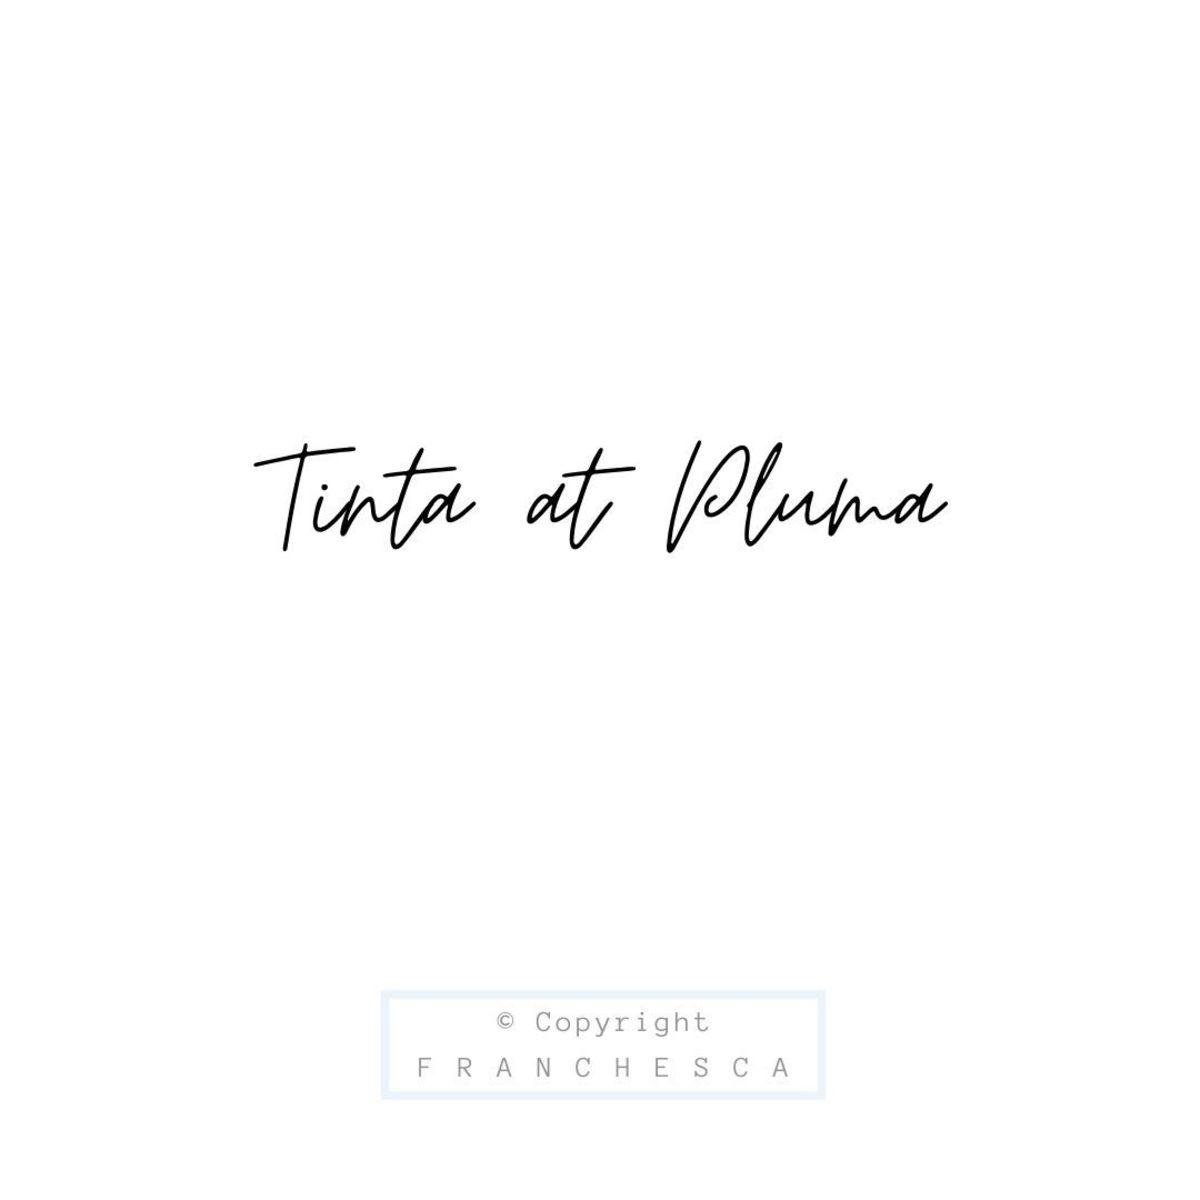 98th Article: Tinta at Pluma